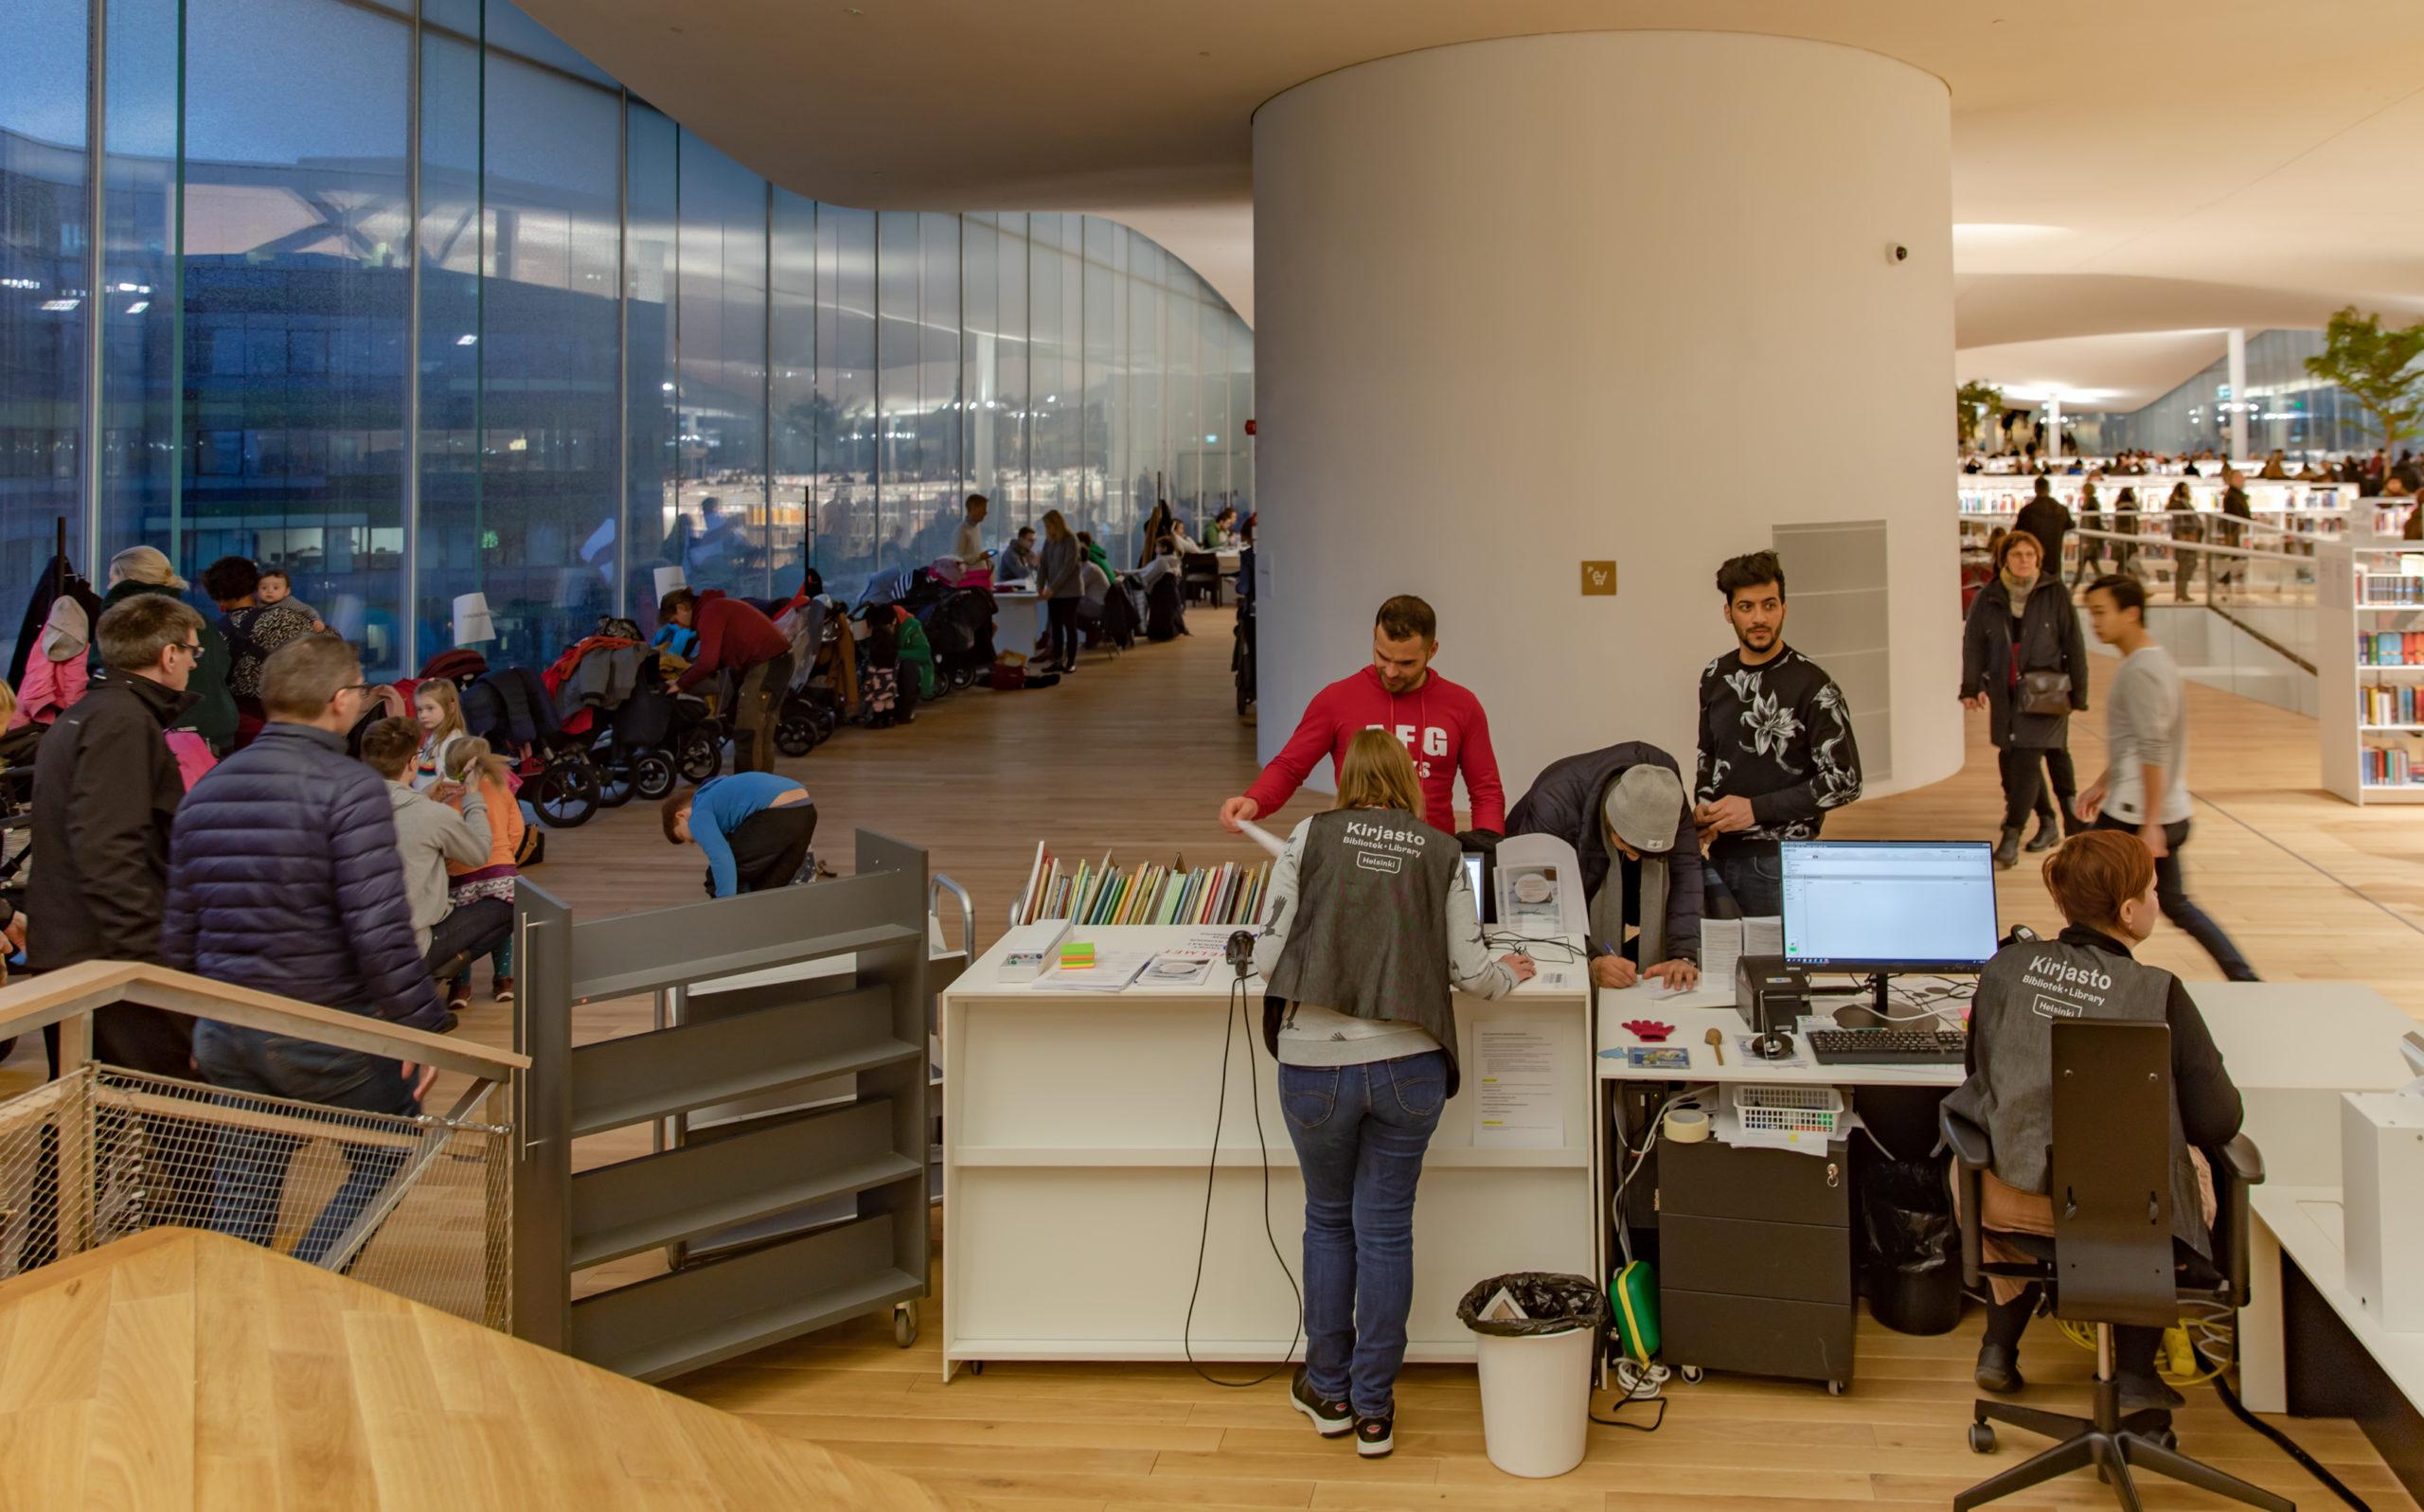 Kirjastolaina edellyttää tietojen luovuttamisesta  kaupungille.